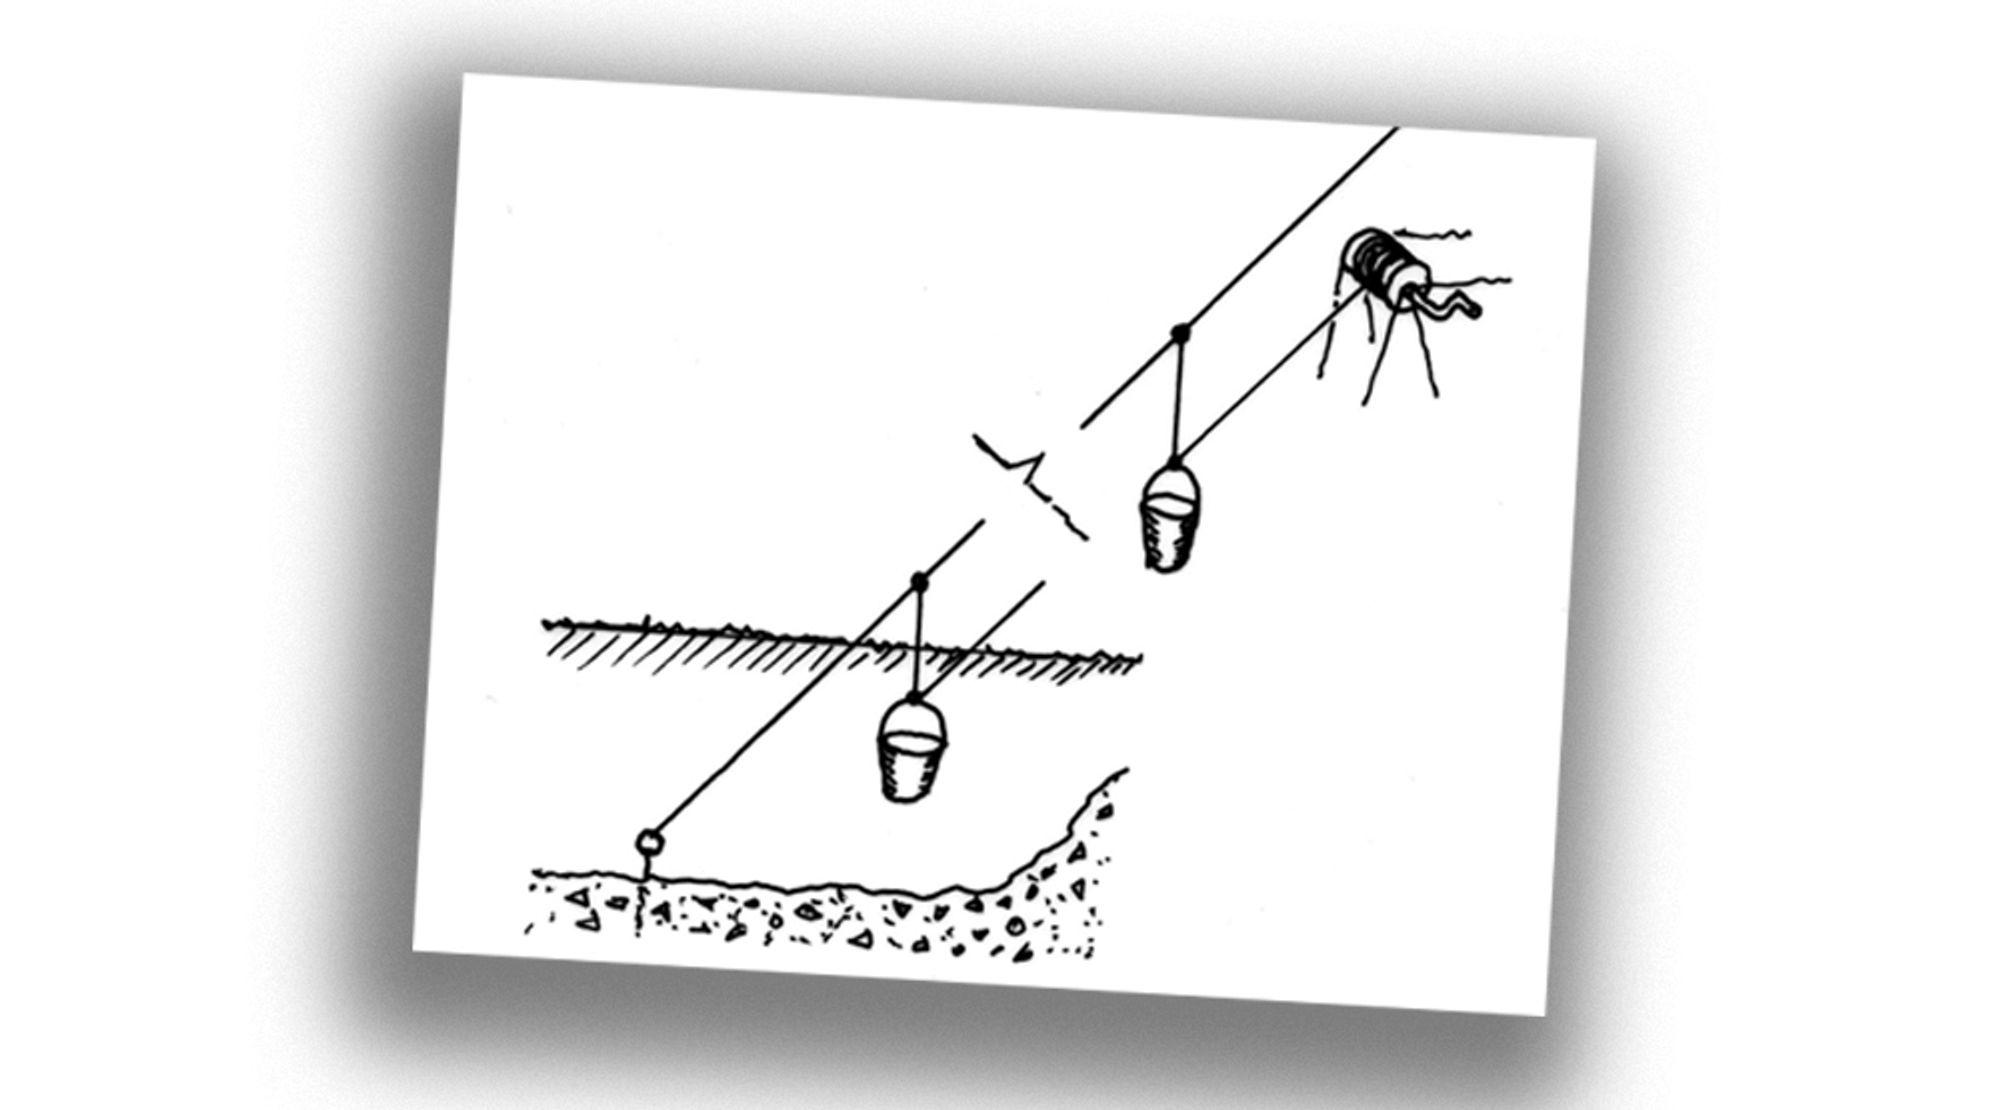 Utenfor huset hadde Wittgenstein et system med en wire og en sveiv. En bøtte ble firt ned langs vaieren og trukket opp med en sveiv. Når bøtta ble sendt de 30 meterne ned til vannflaten i Eidsvatnet gikk den under overflaten og ble fylt, hvoretter den ble sveivet opp til huset igjen.